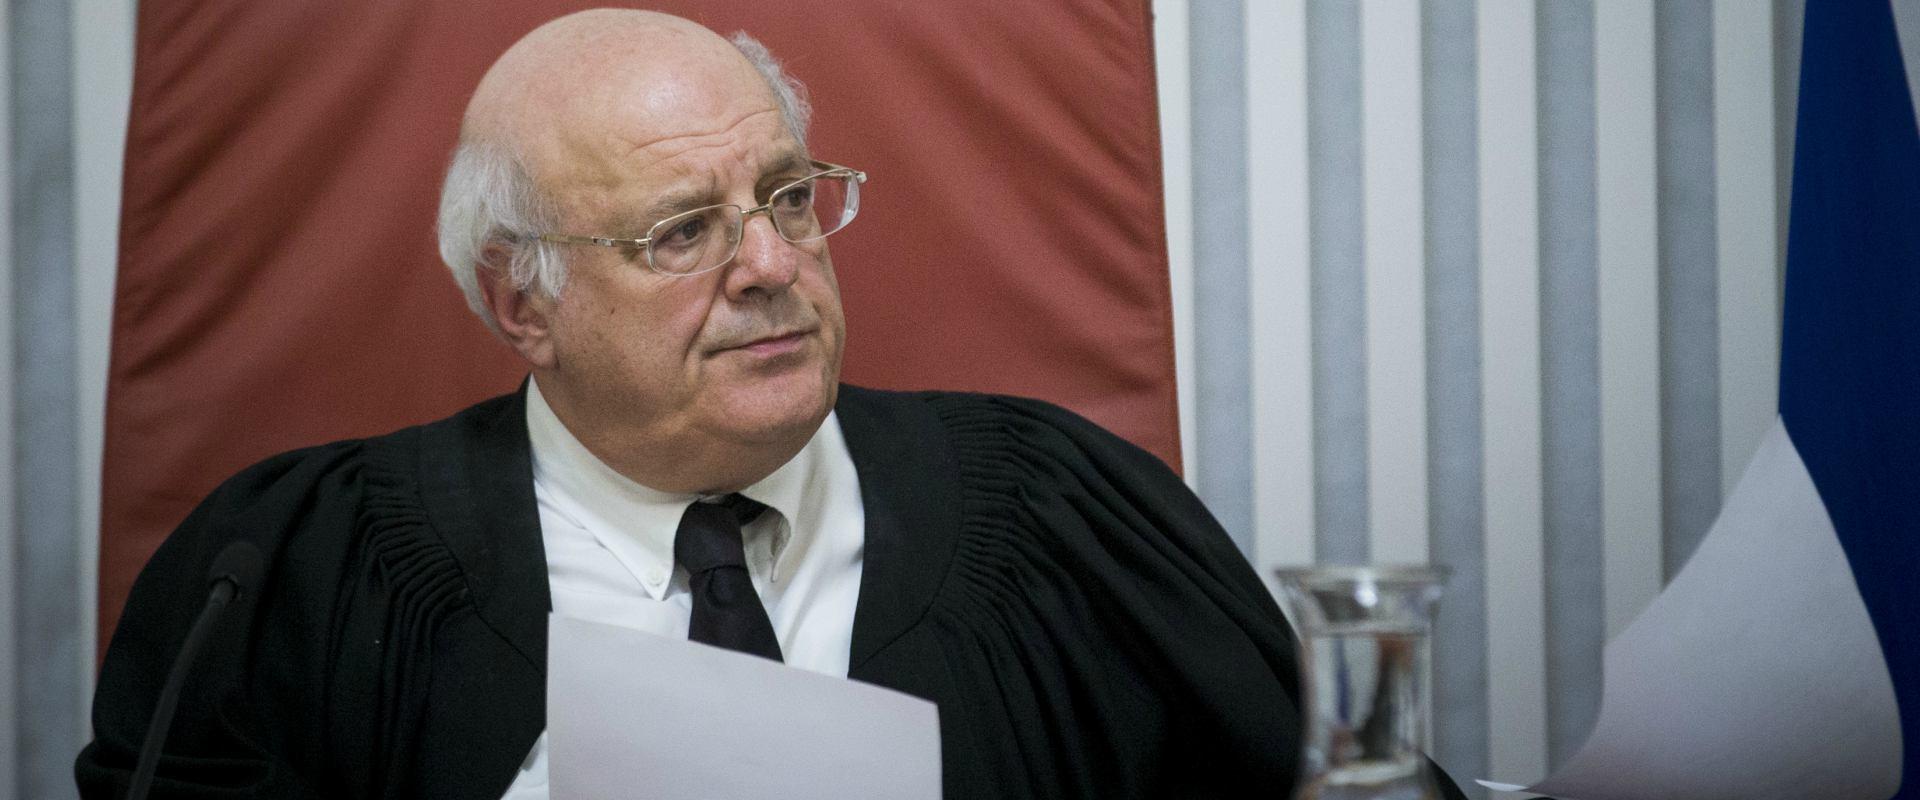 השופט חנן מלצר